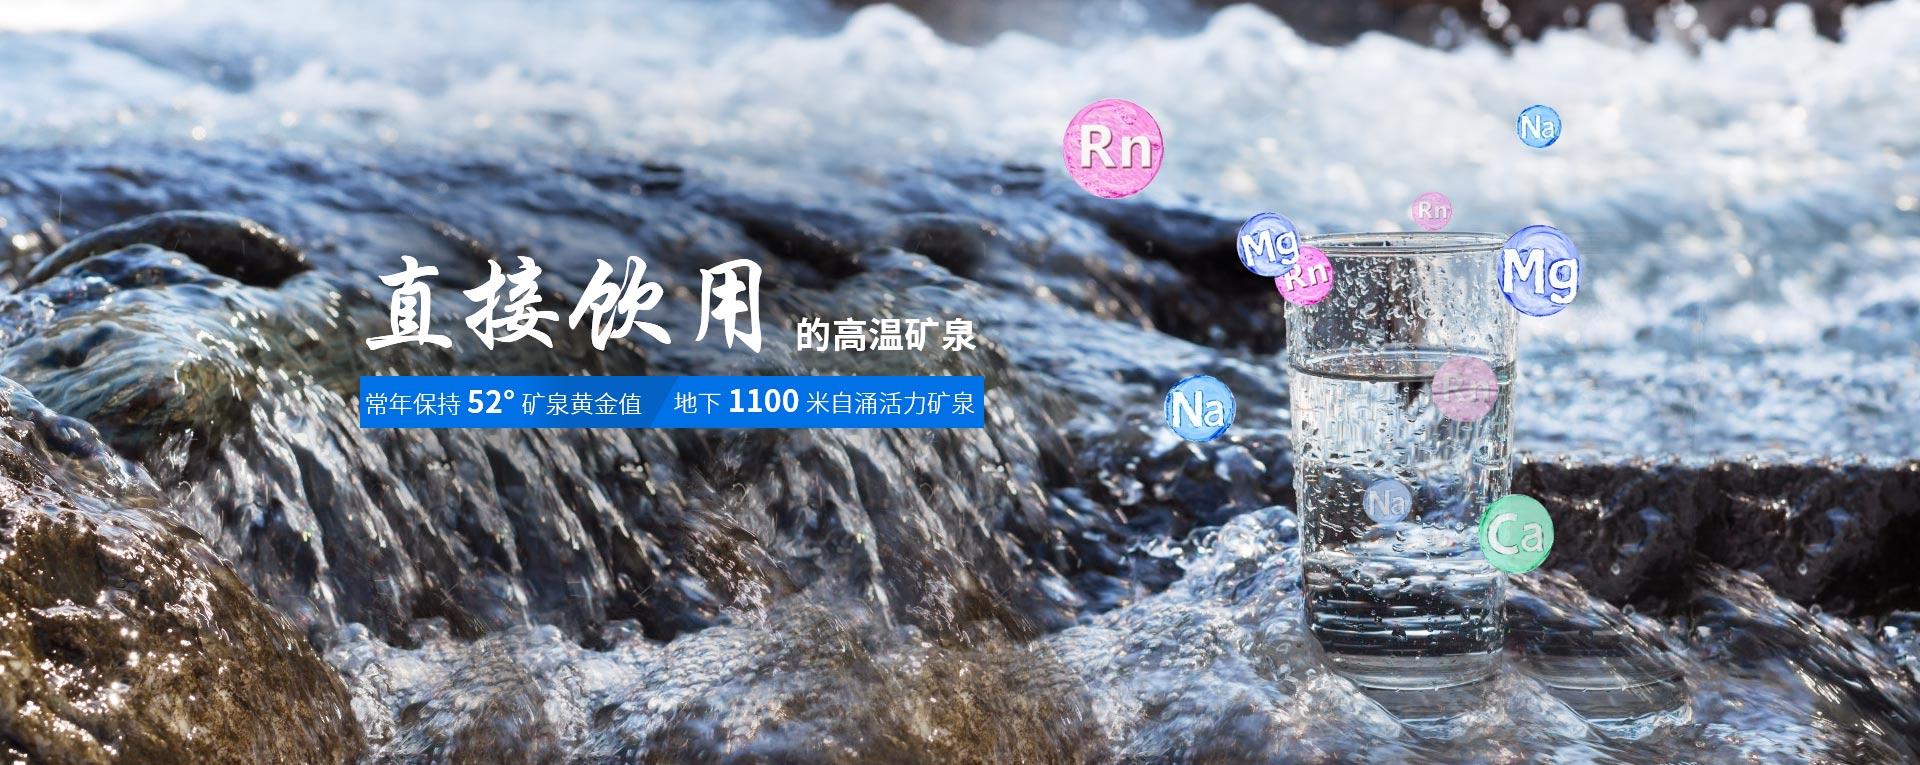 甘甜泉-饮用天然矿泉水,符合国家特殊监测标准